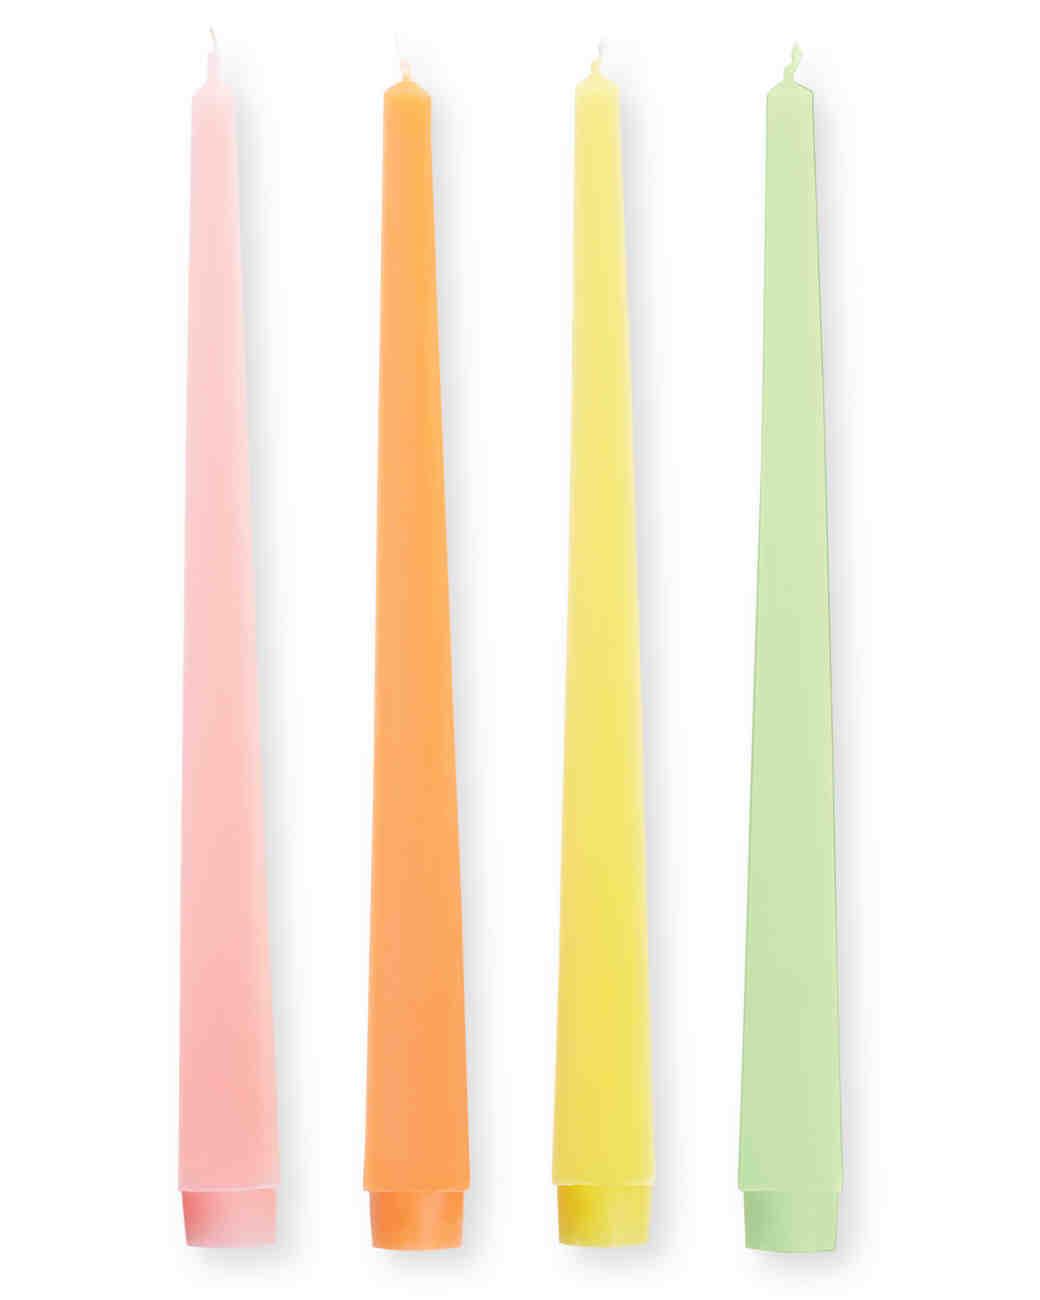 candles-010-comp-mwd110052.jpg